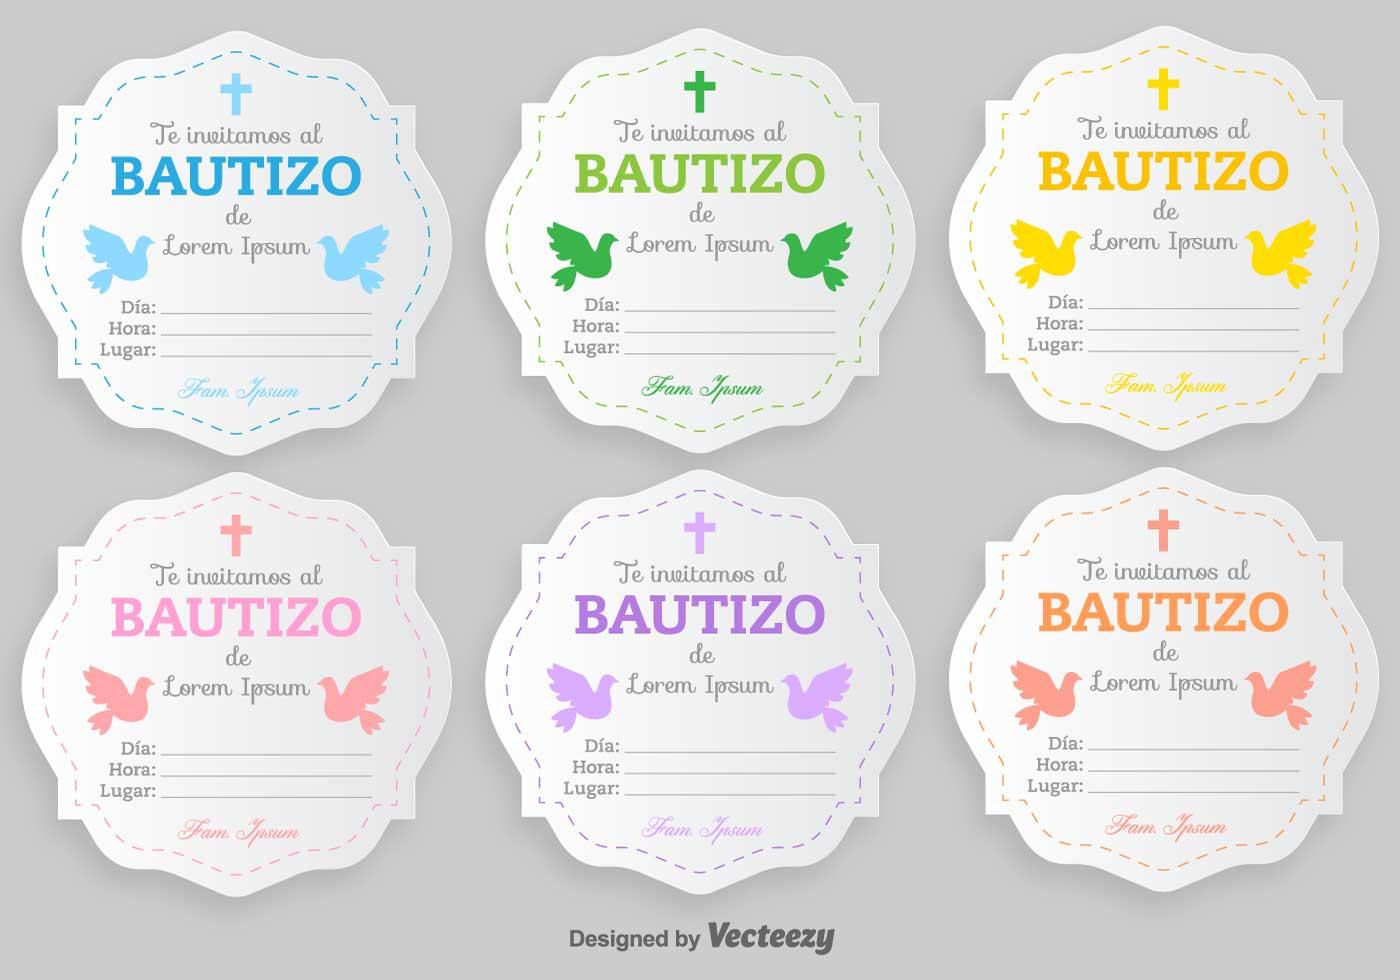 bautizo vector invitations blank template